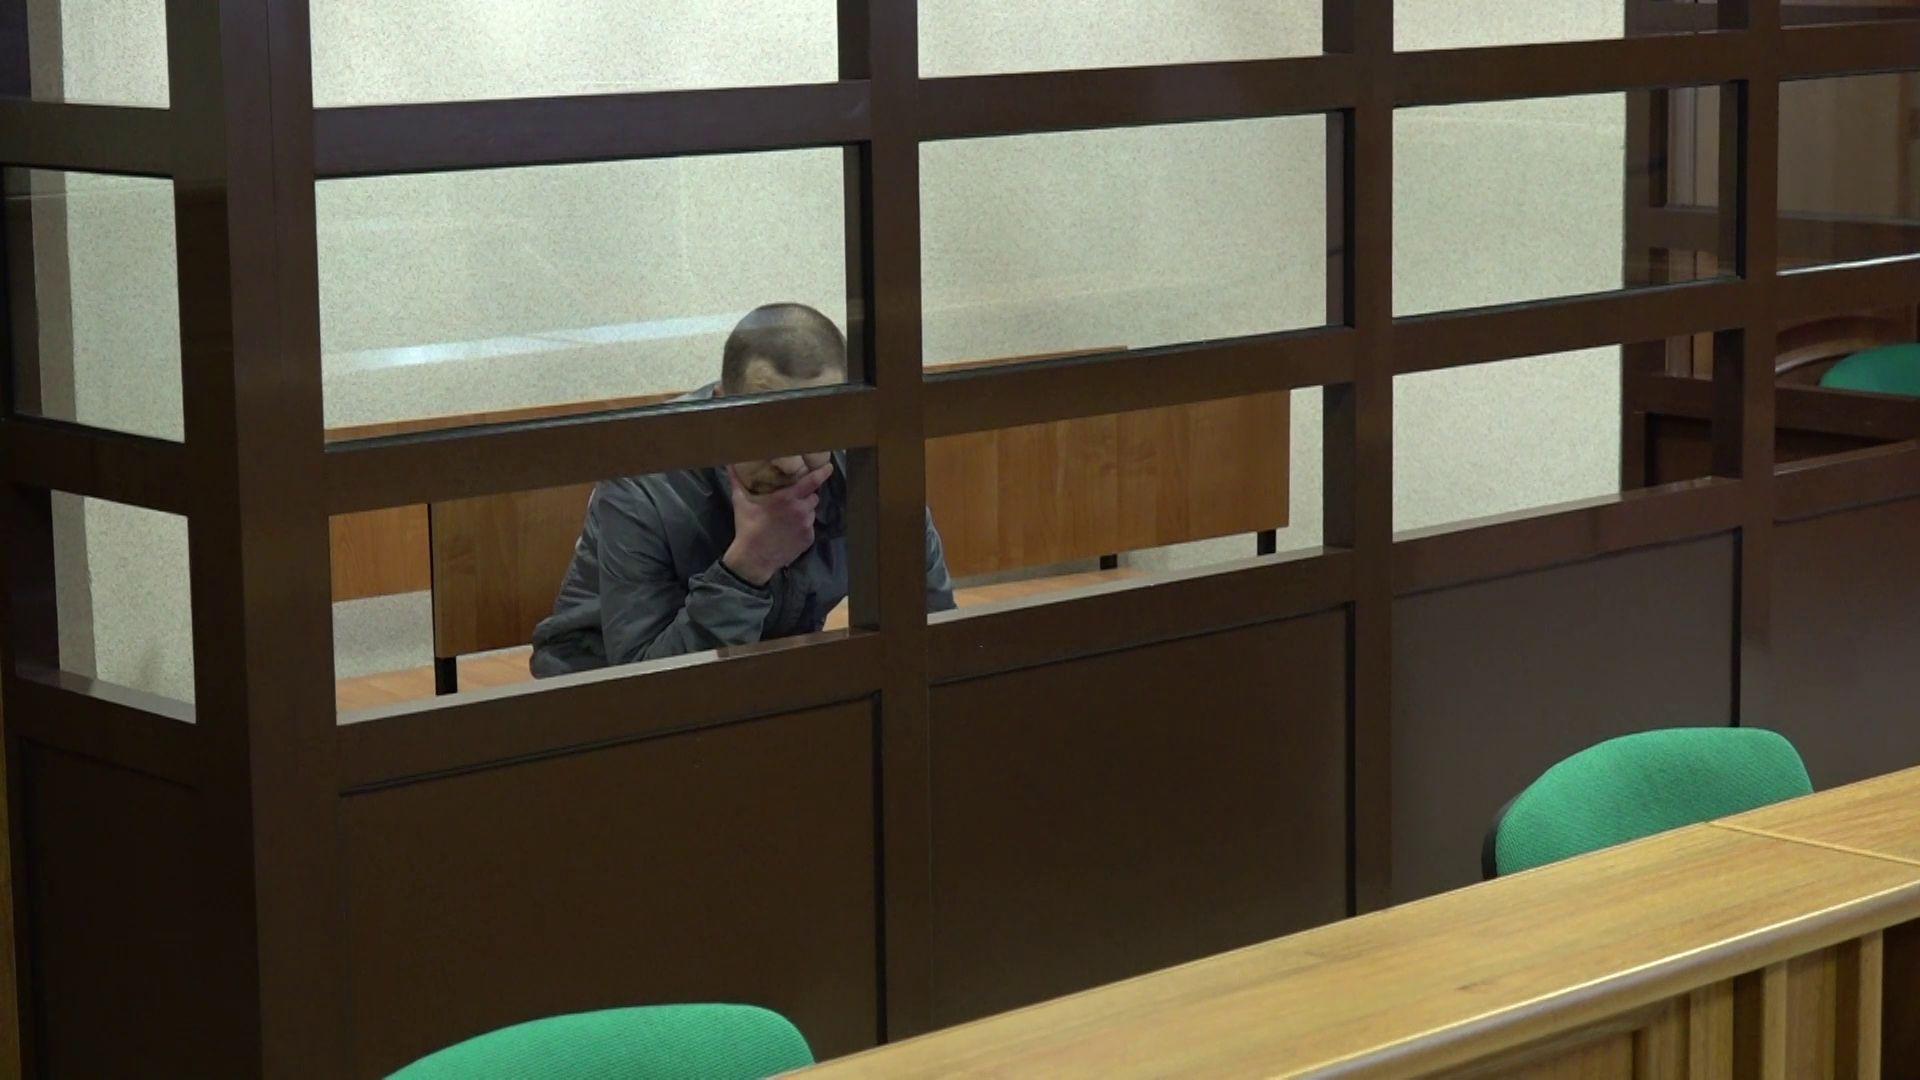 Жителя Ярославля обвиняют в убийстве, разбое и уничтожении имущества